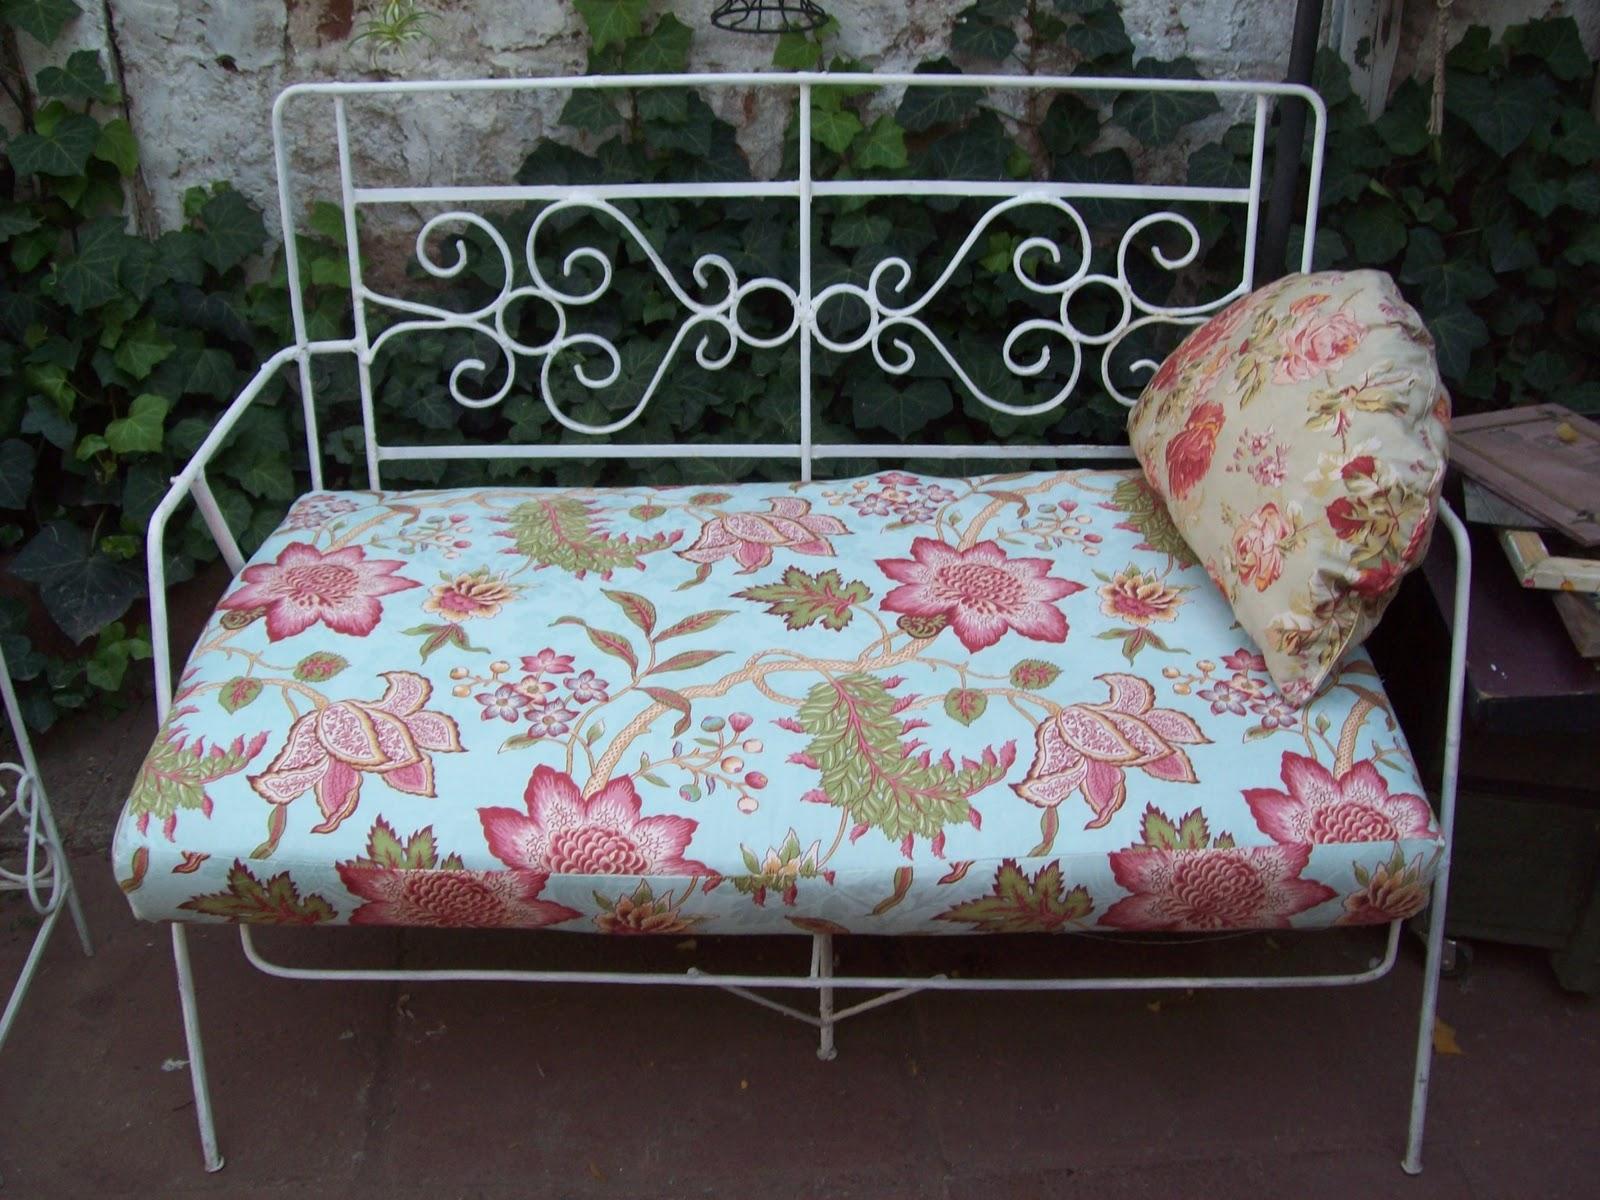 Imagenes de muebles antiguos restaurados - Muebles antiguos restaurados ...